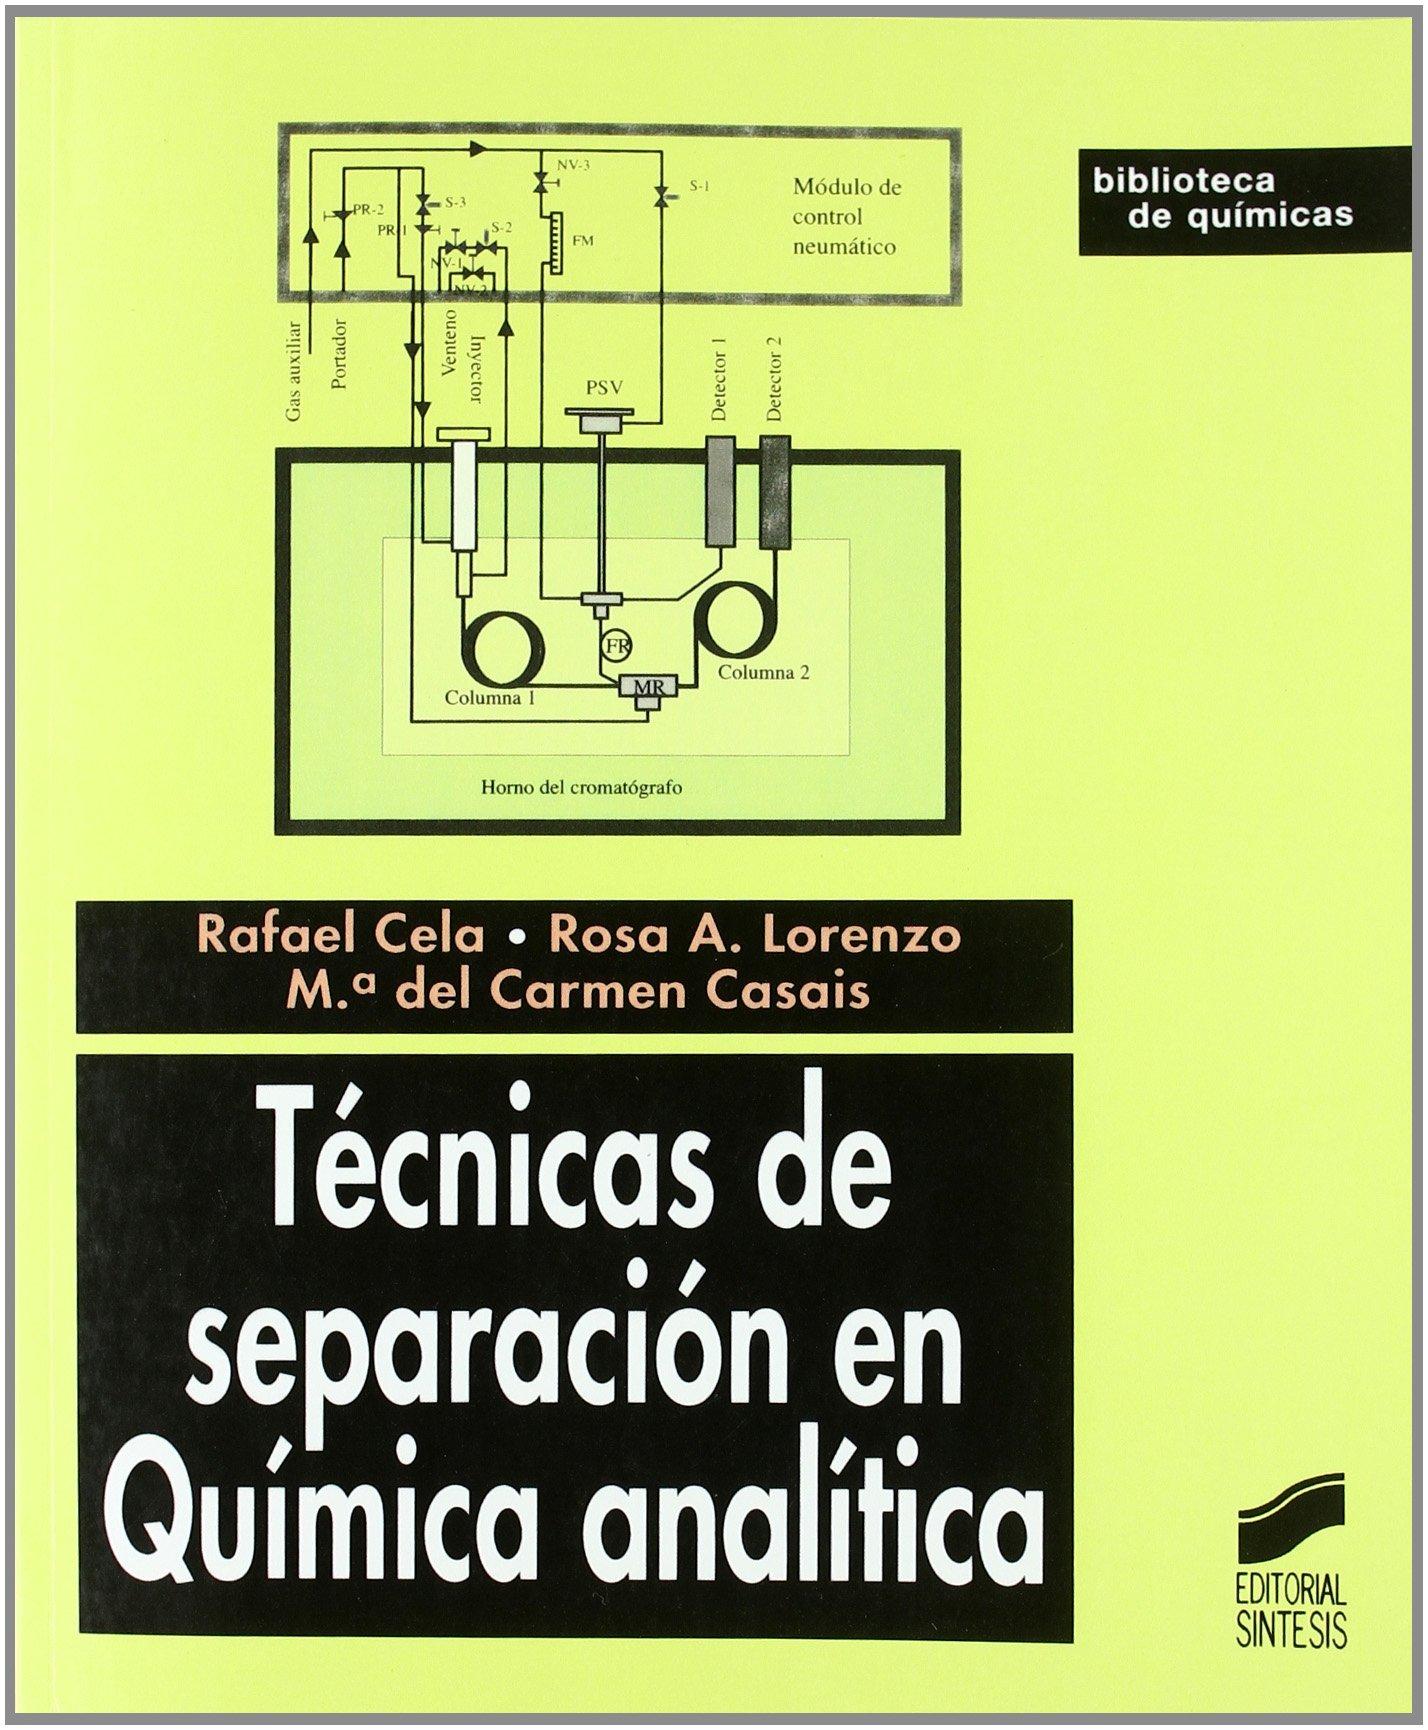 Técnicas de separación en química analítica Biblioteca de químicas: Amazon.es: Rafael Cela: Libros